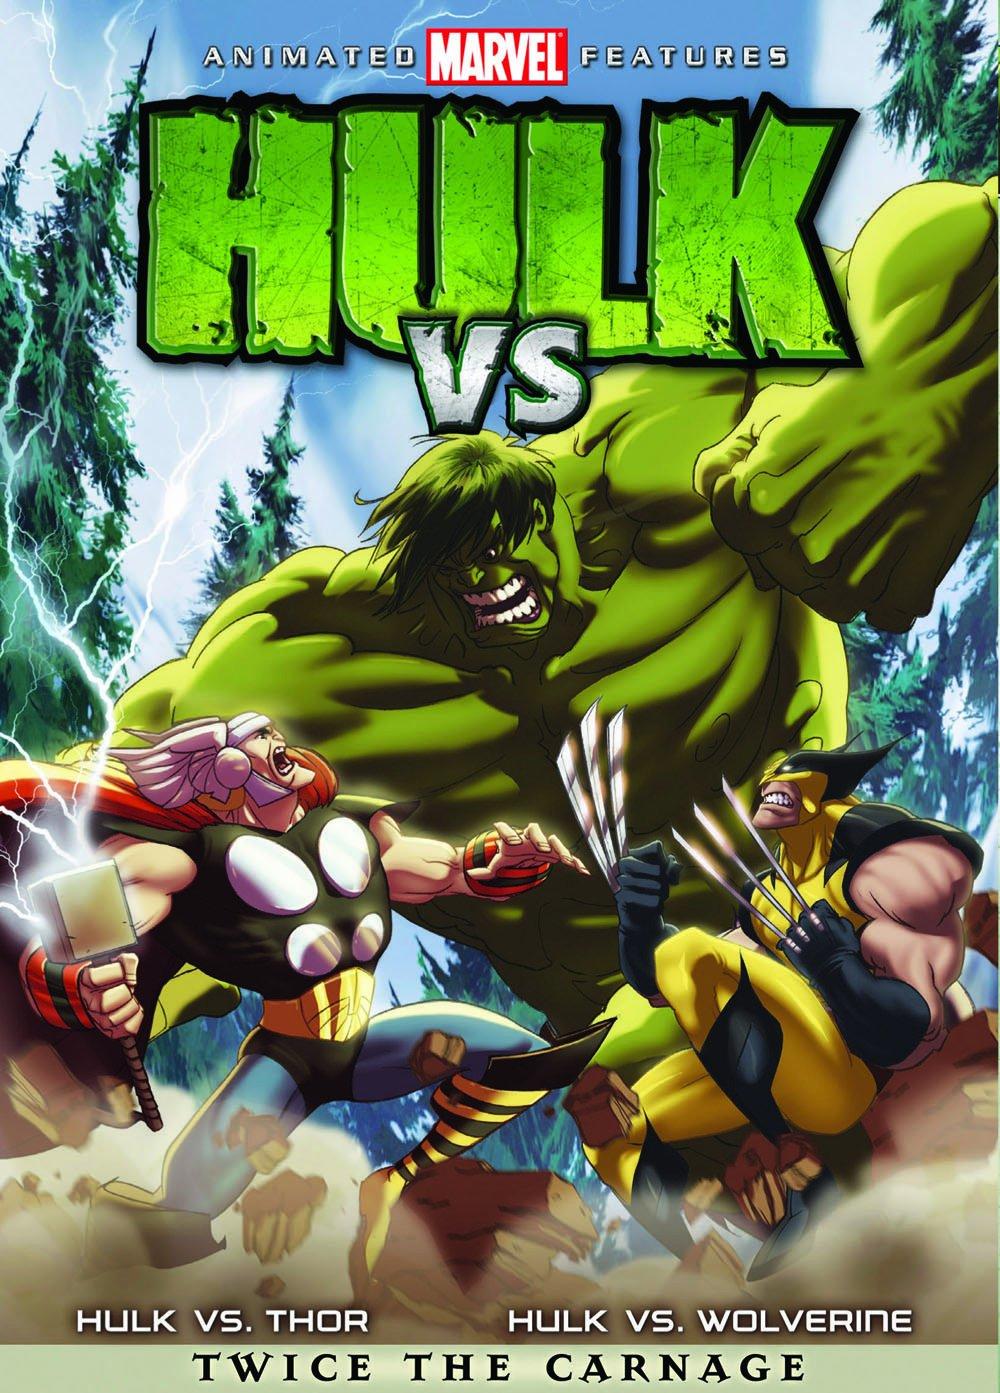 Hulk Vs. [Marvel 616 cartoon]